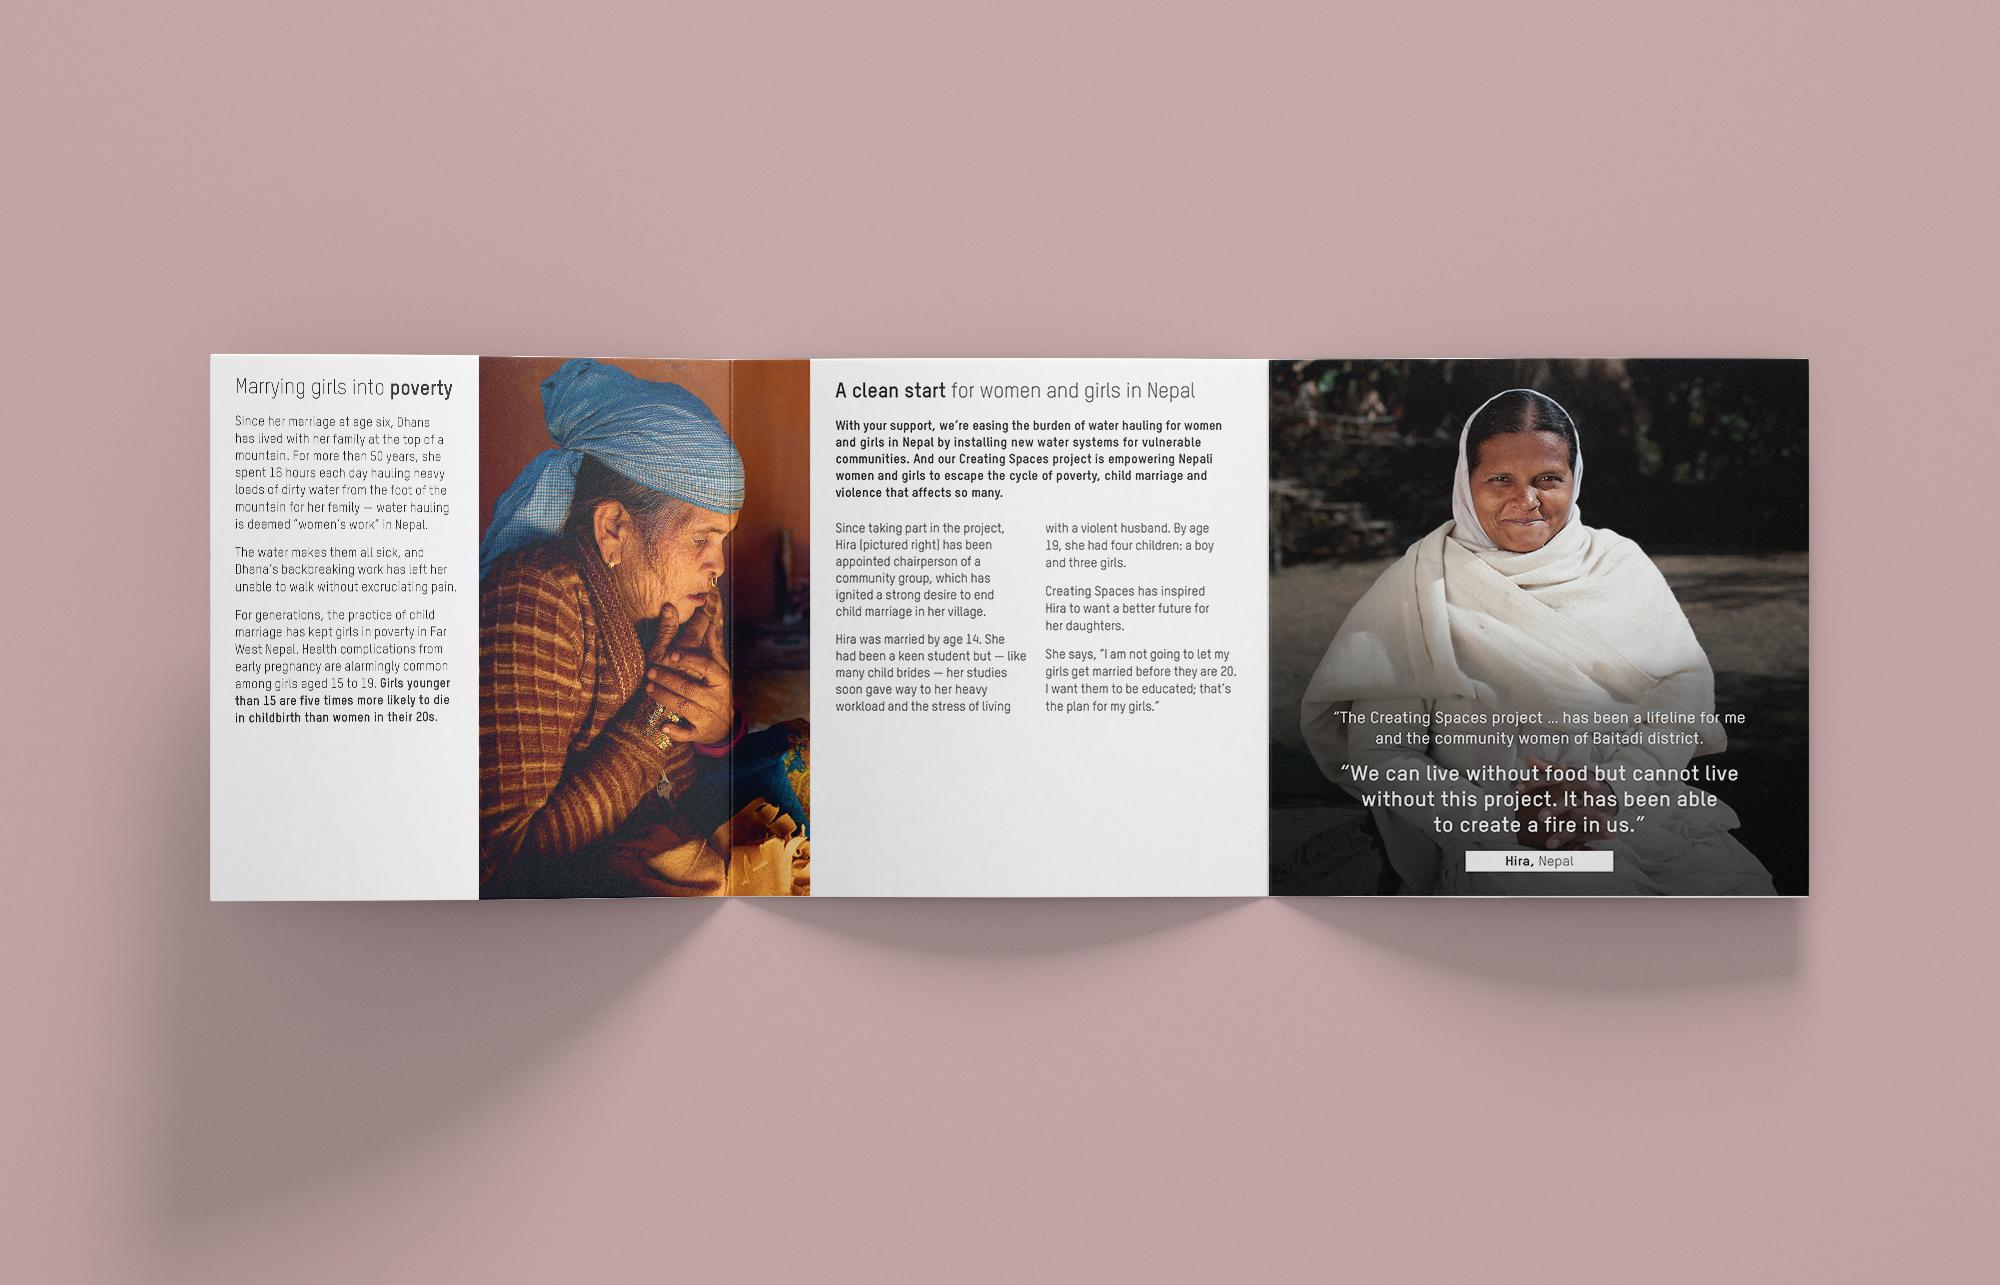 child marriage 3.jpg